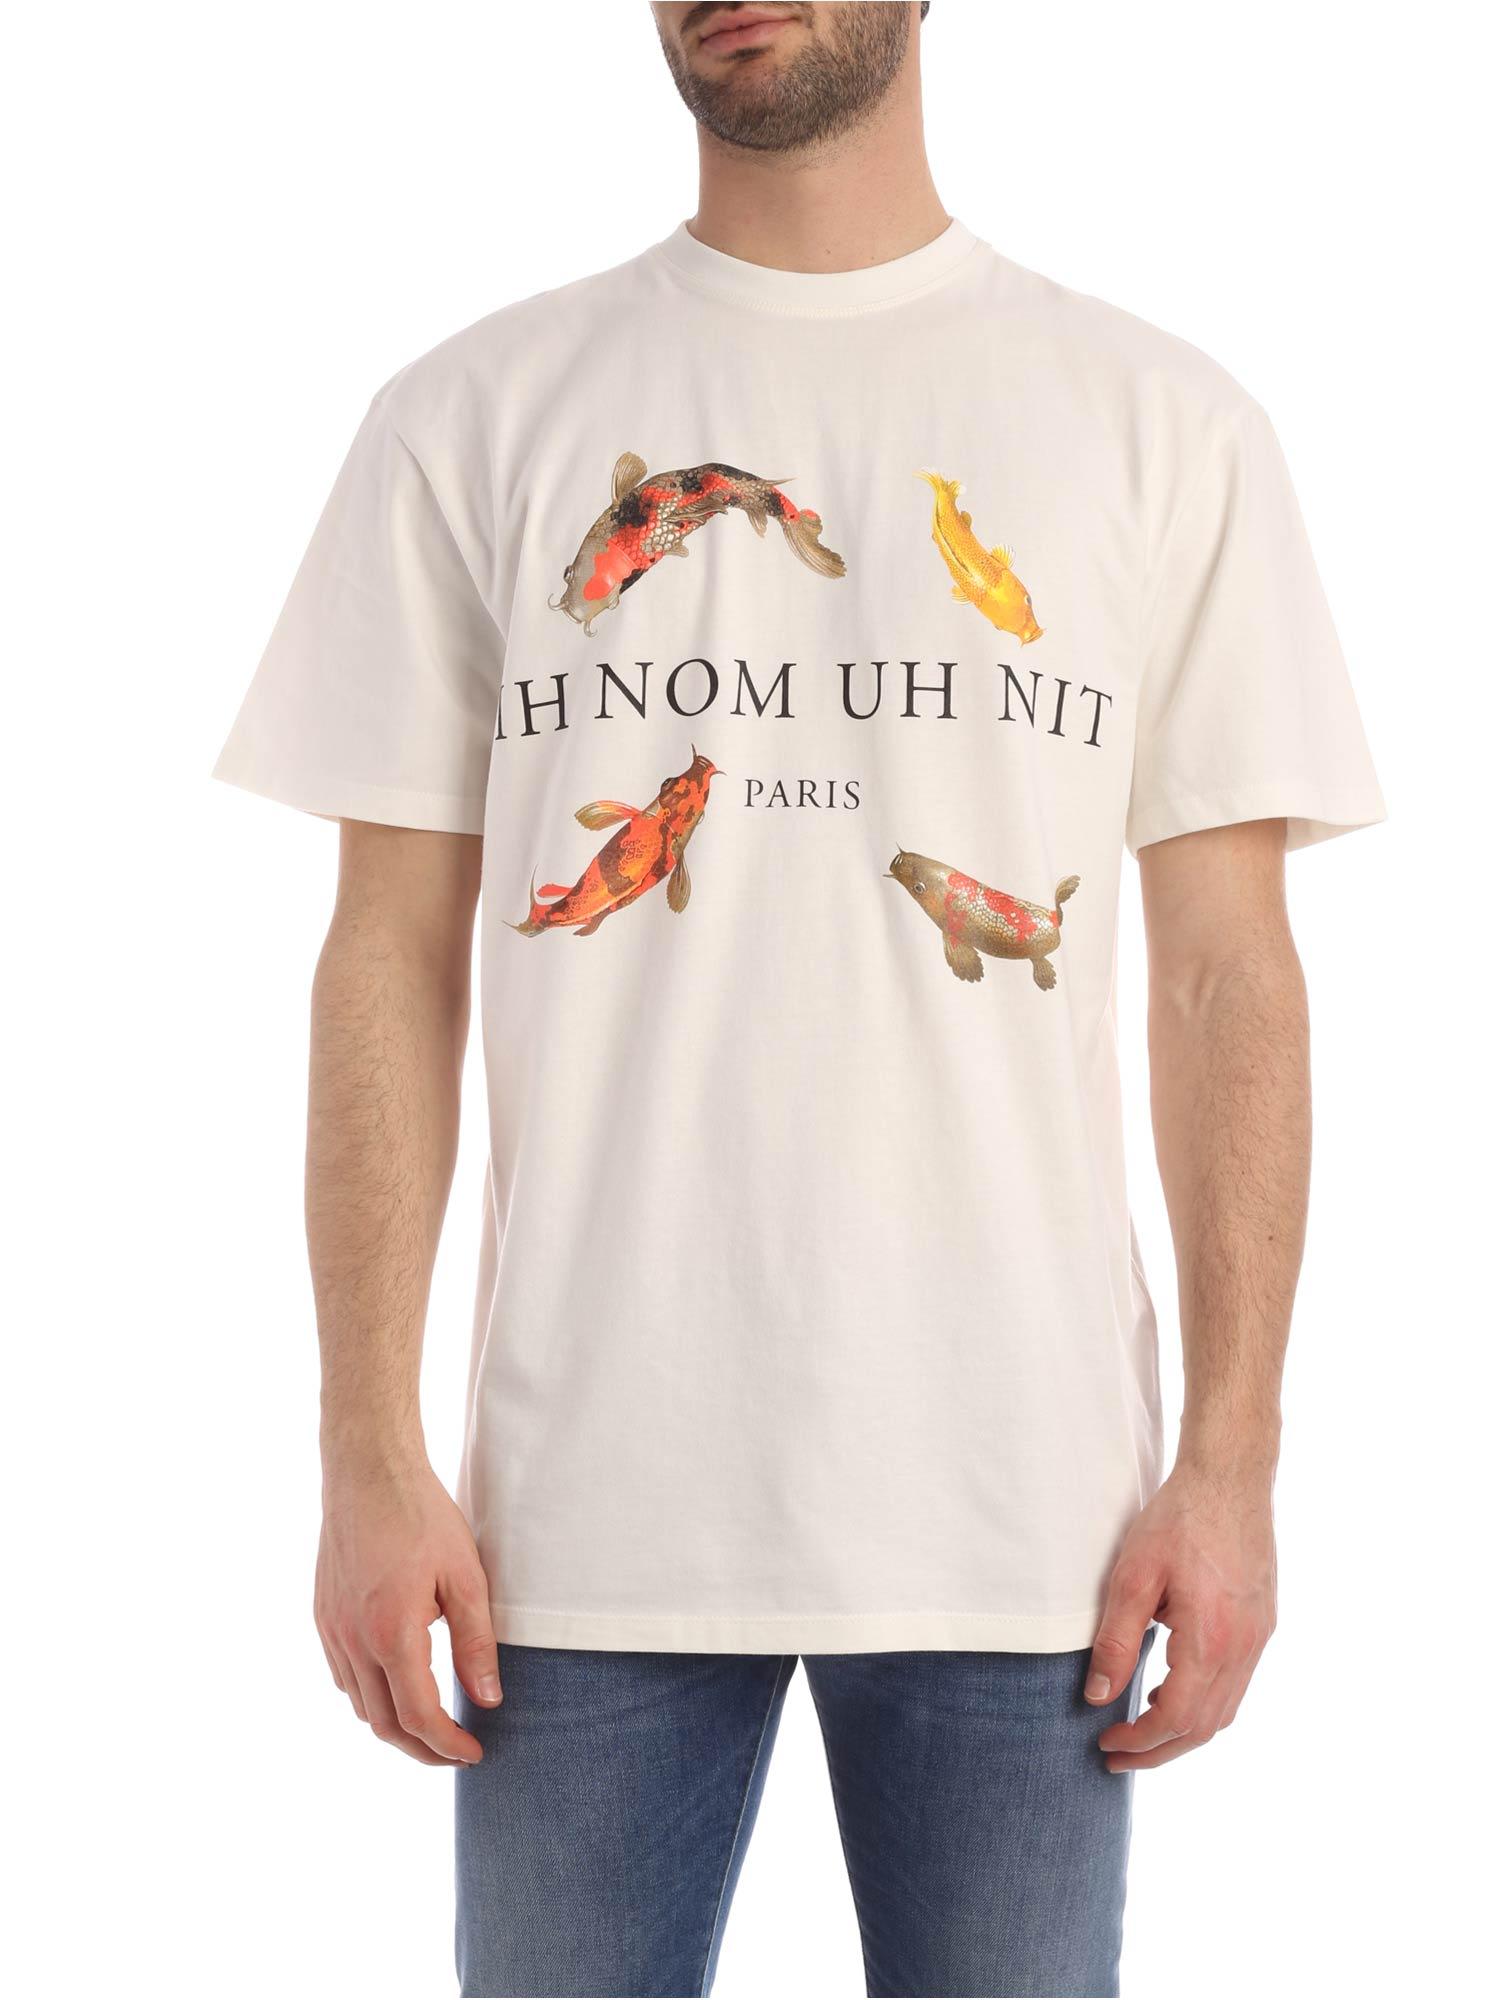 ih nom uh nit T-shirt Koi Fish Print